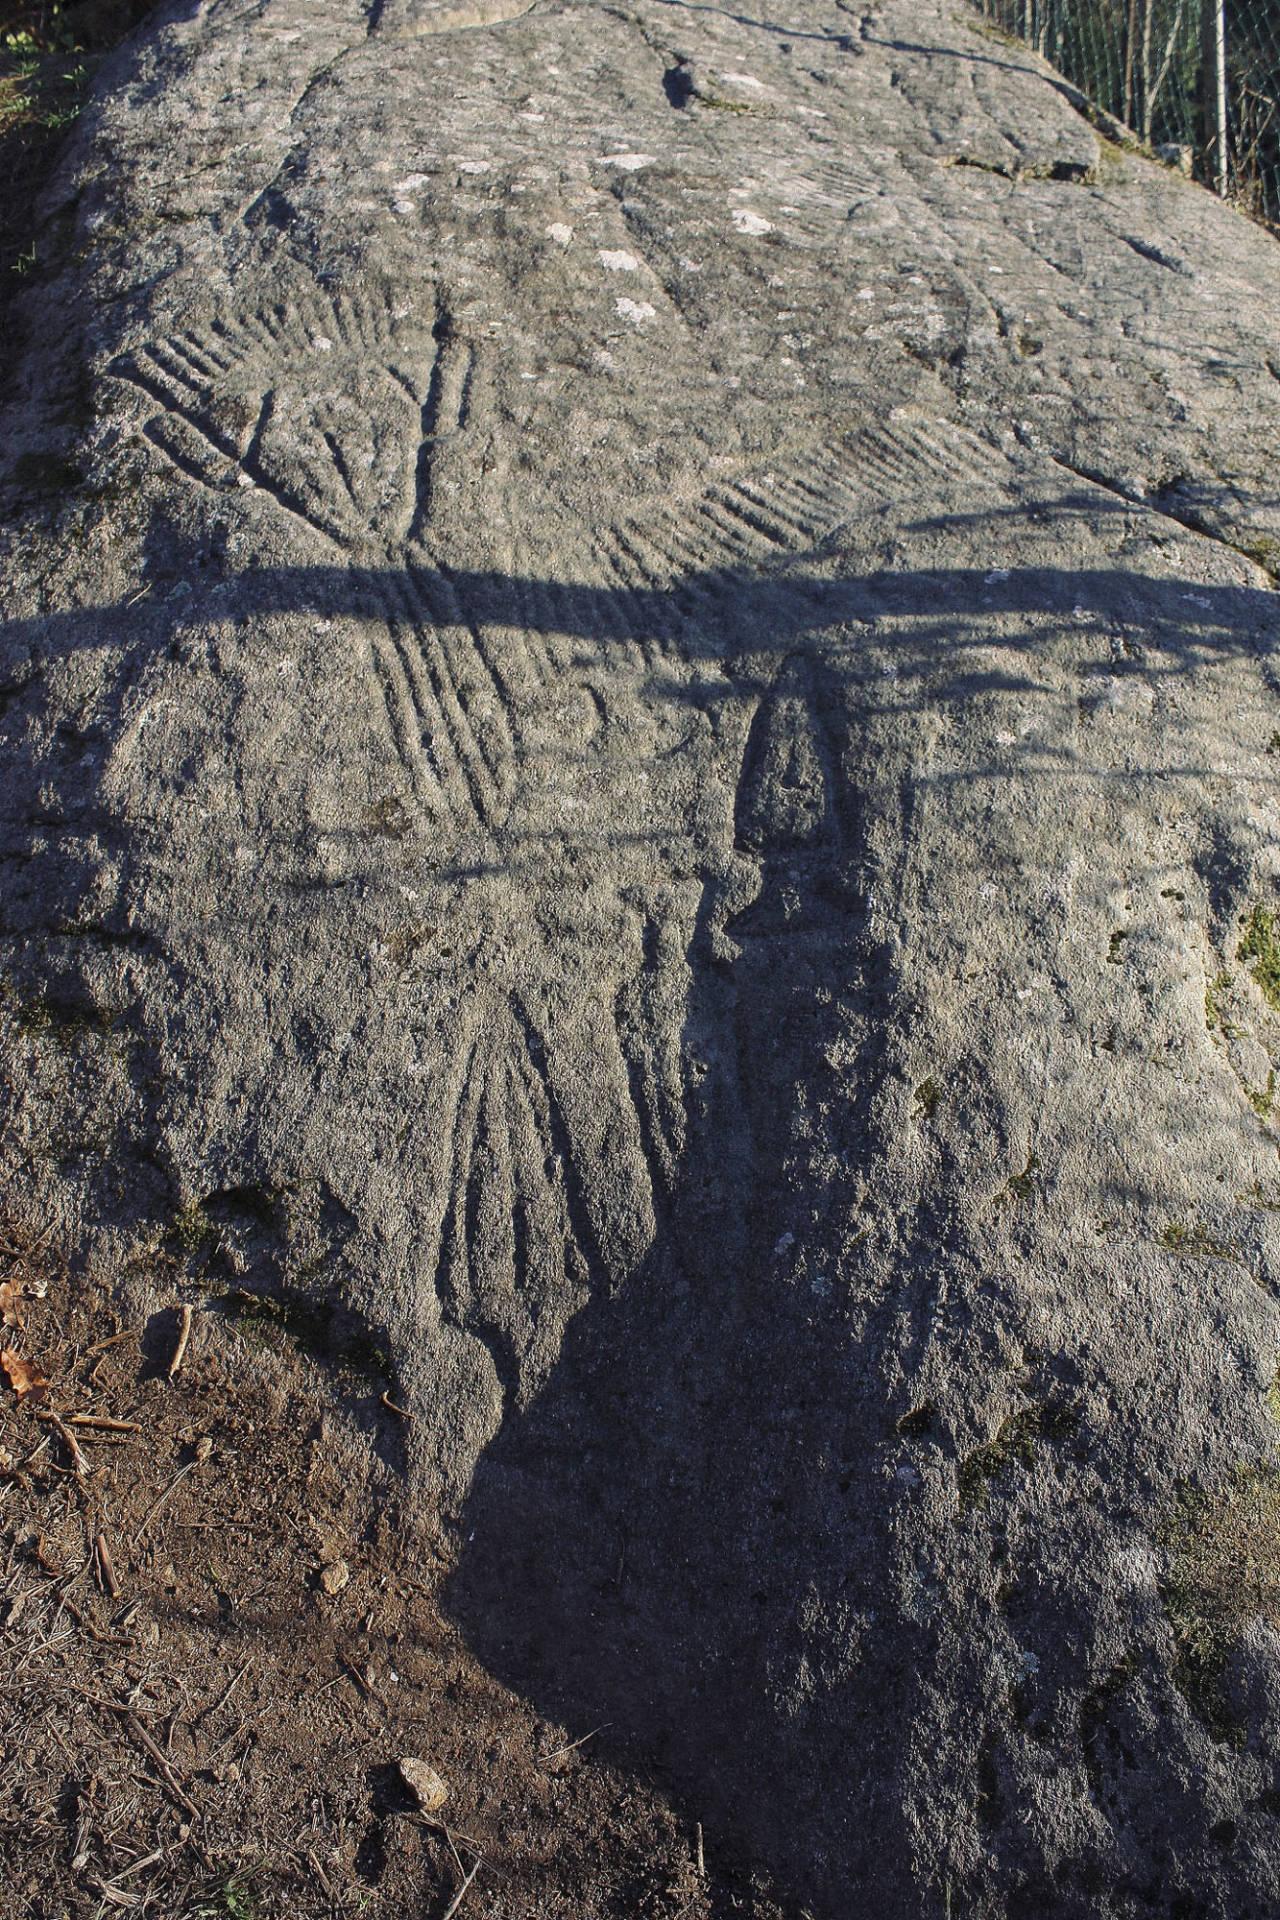 Vista xeral do petróglifo de Conxo de día. ©Colectivo a Rula